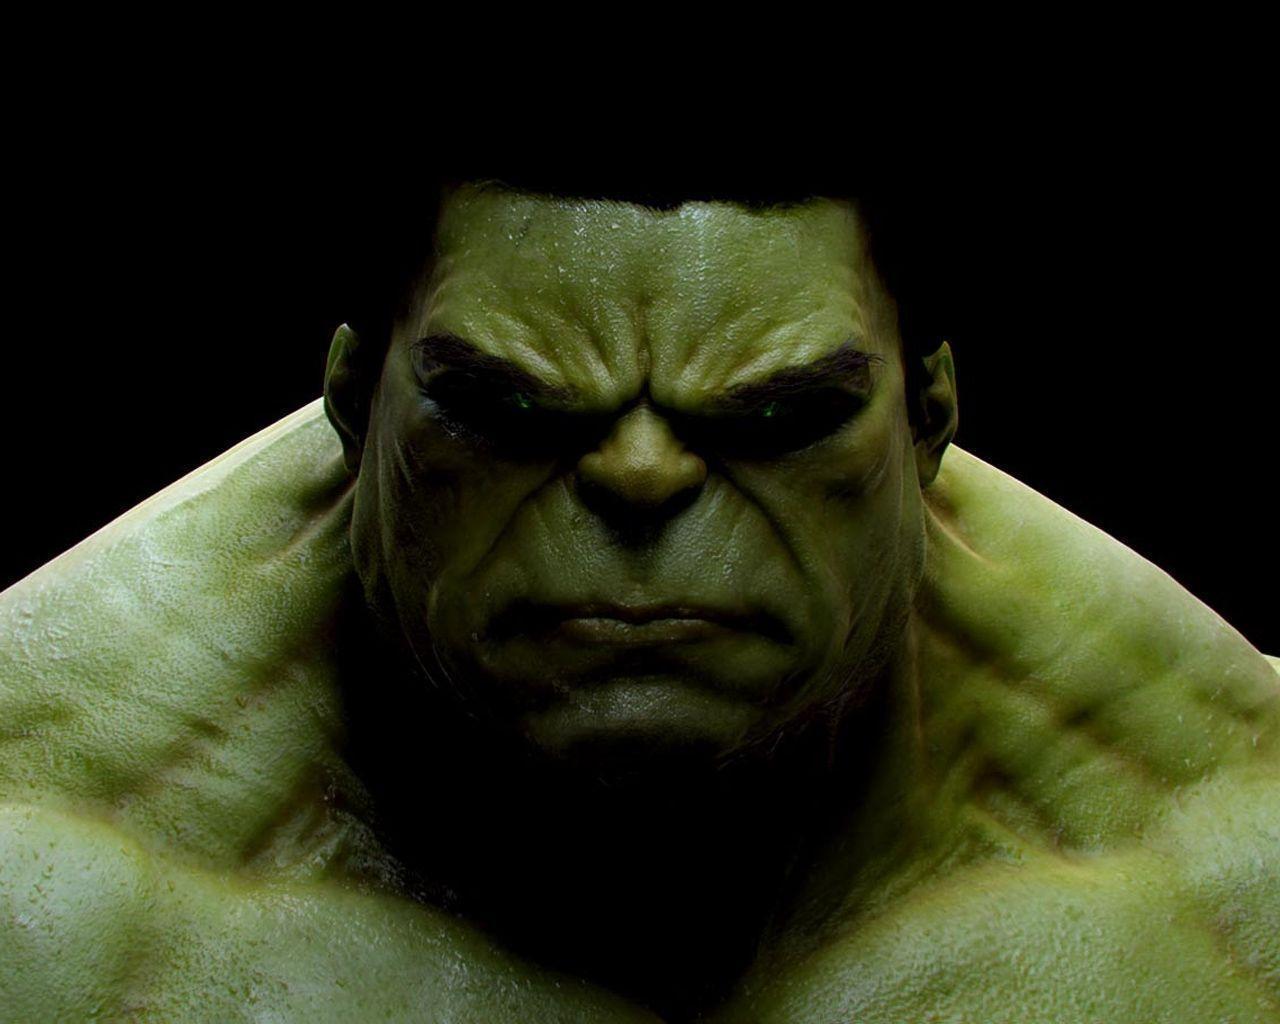 Incredible Hulk Wallpaper | WALLSISTAH.COM